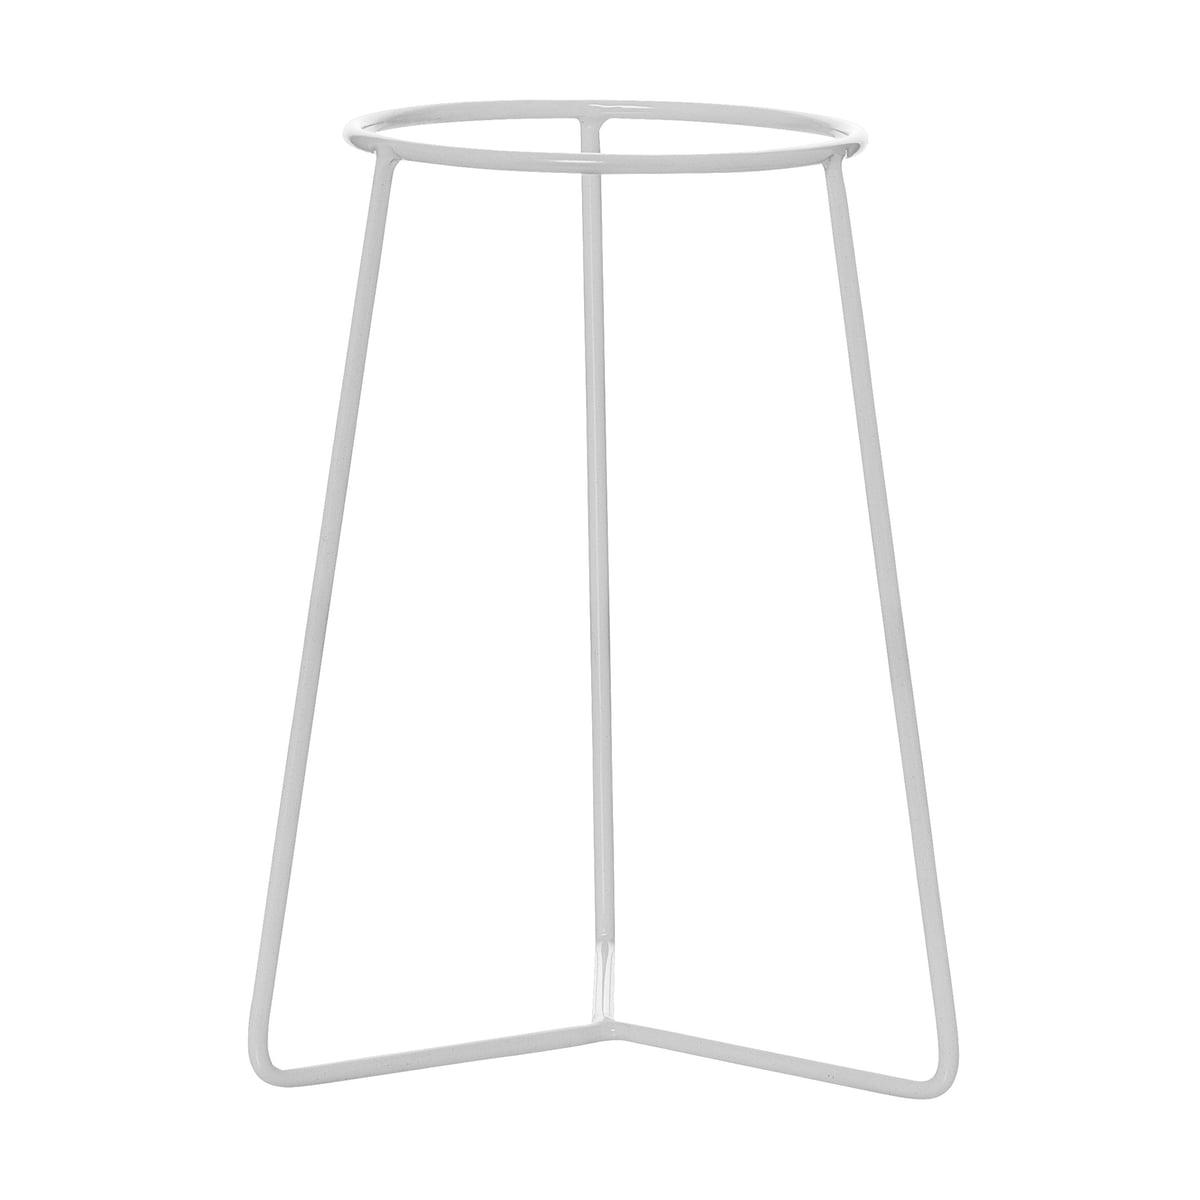 Bloomingville - Blumentopf-Ständer Ø 13.5 cm, weiß